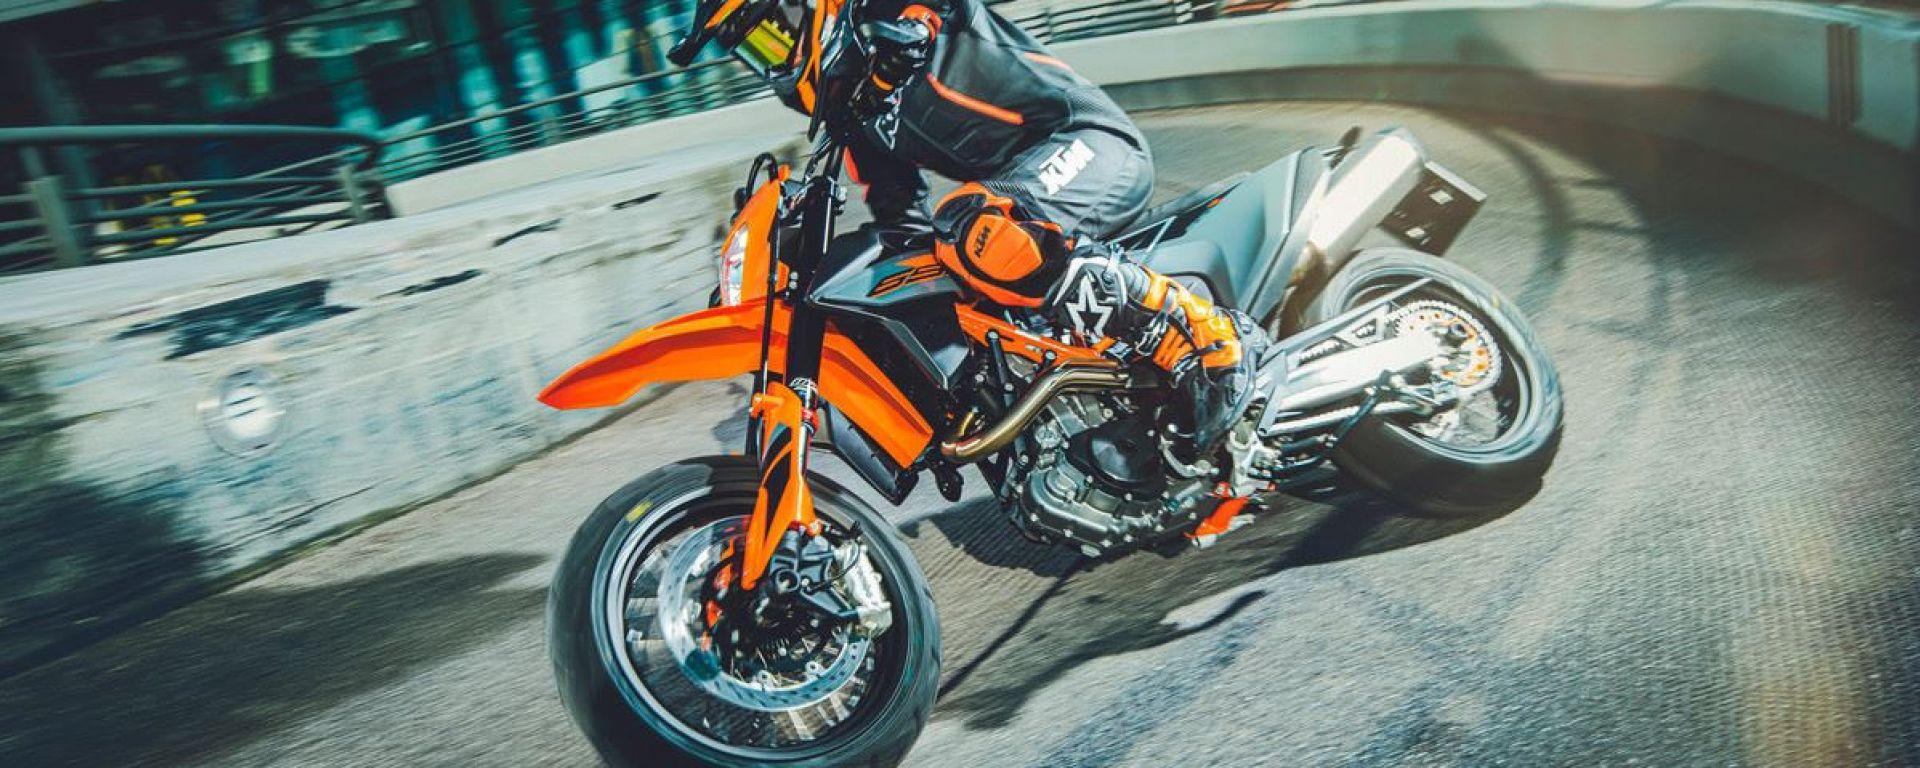 KTM 690 SMC R 2021: con la modalità Supermoto addio ad ABS e Traction Control